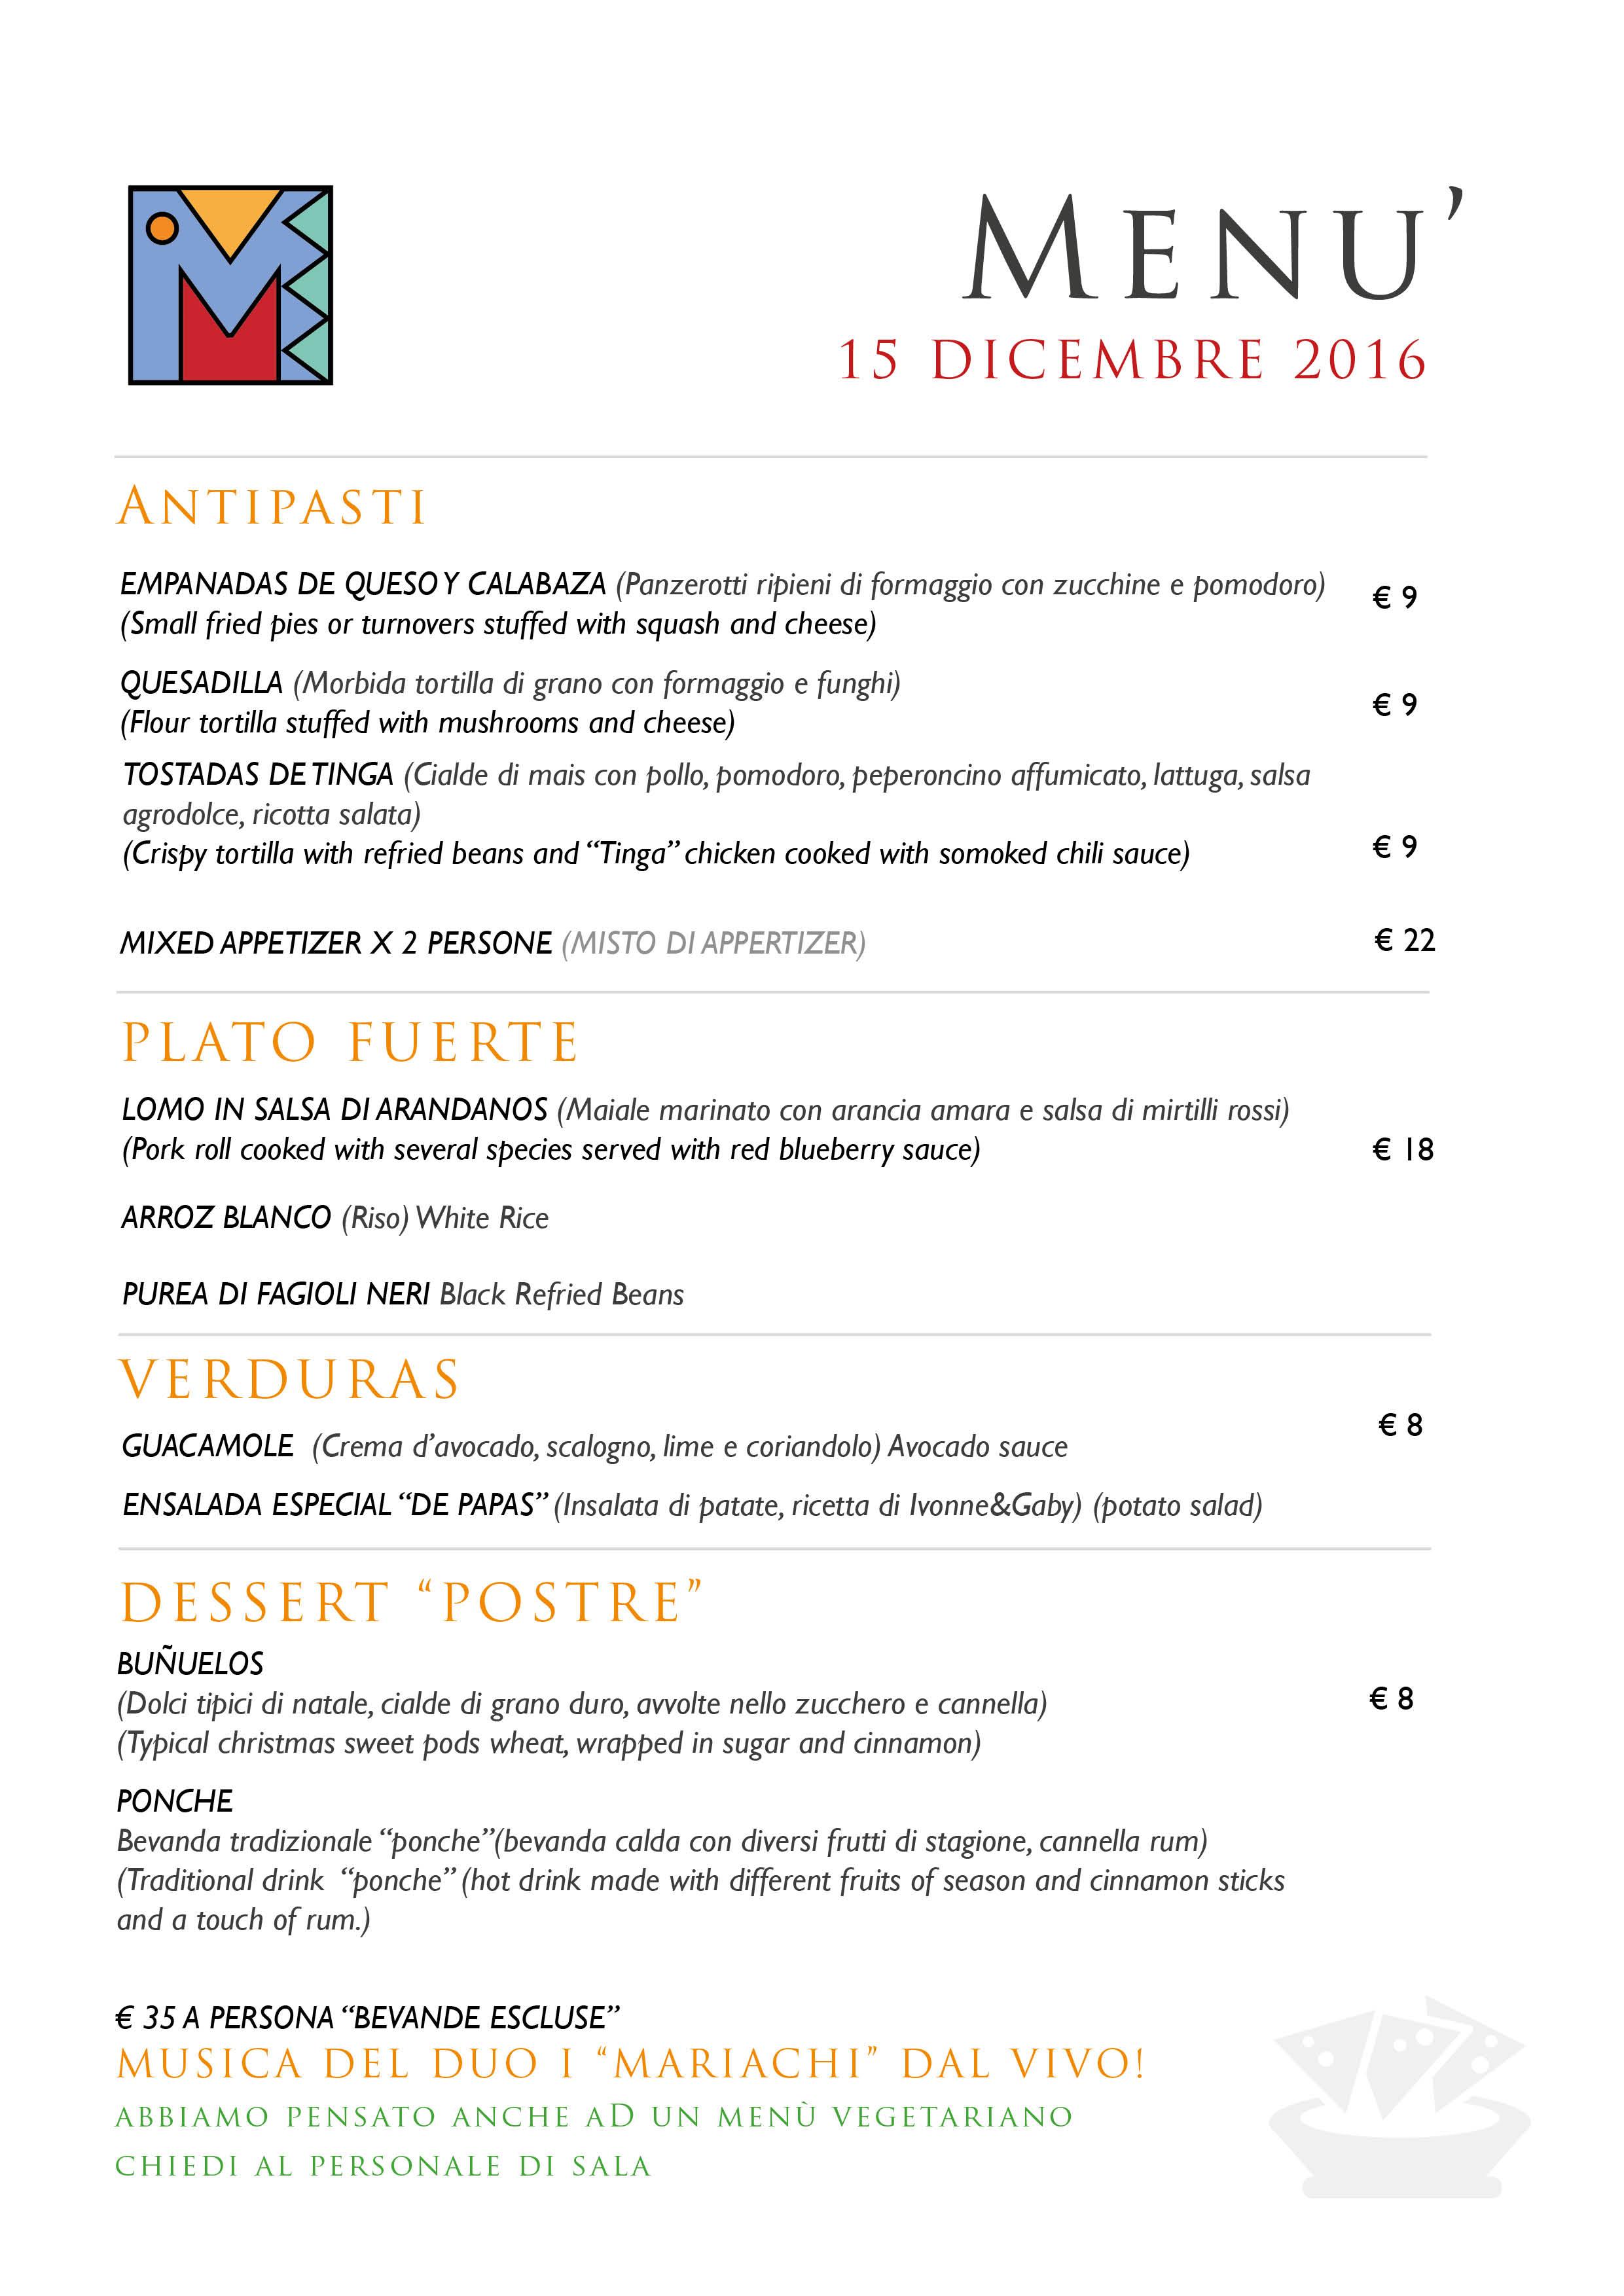 menu-15-dicembre-2016-a42